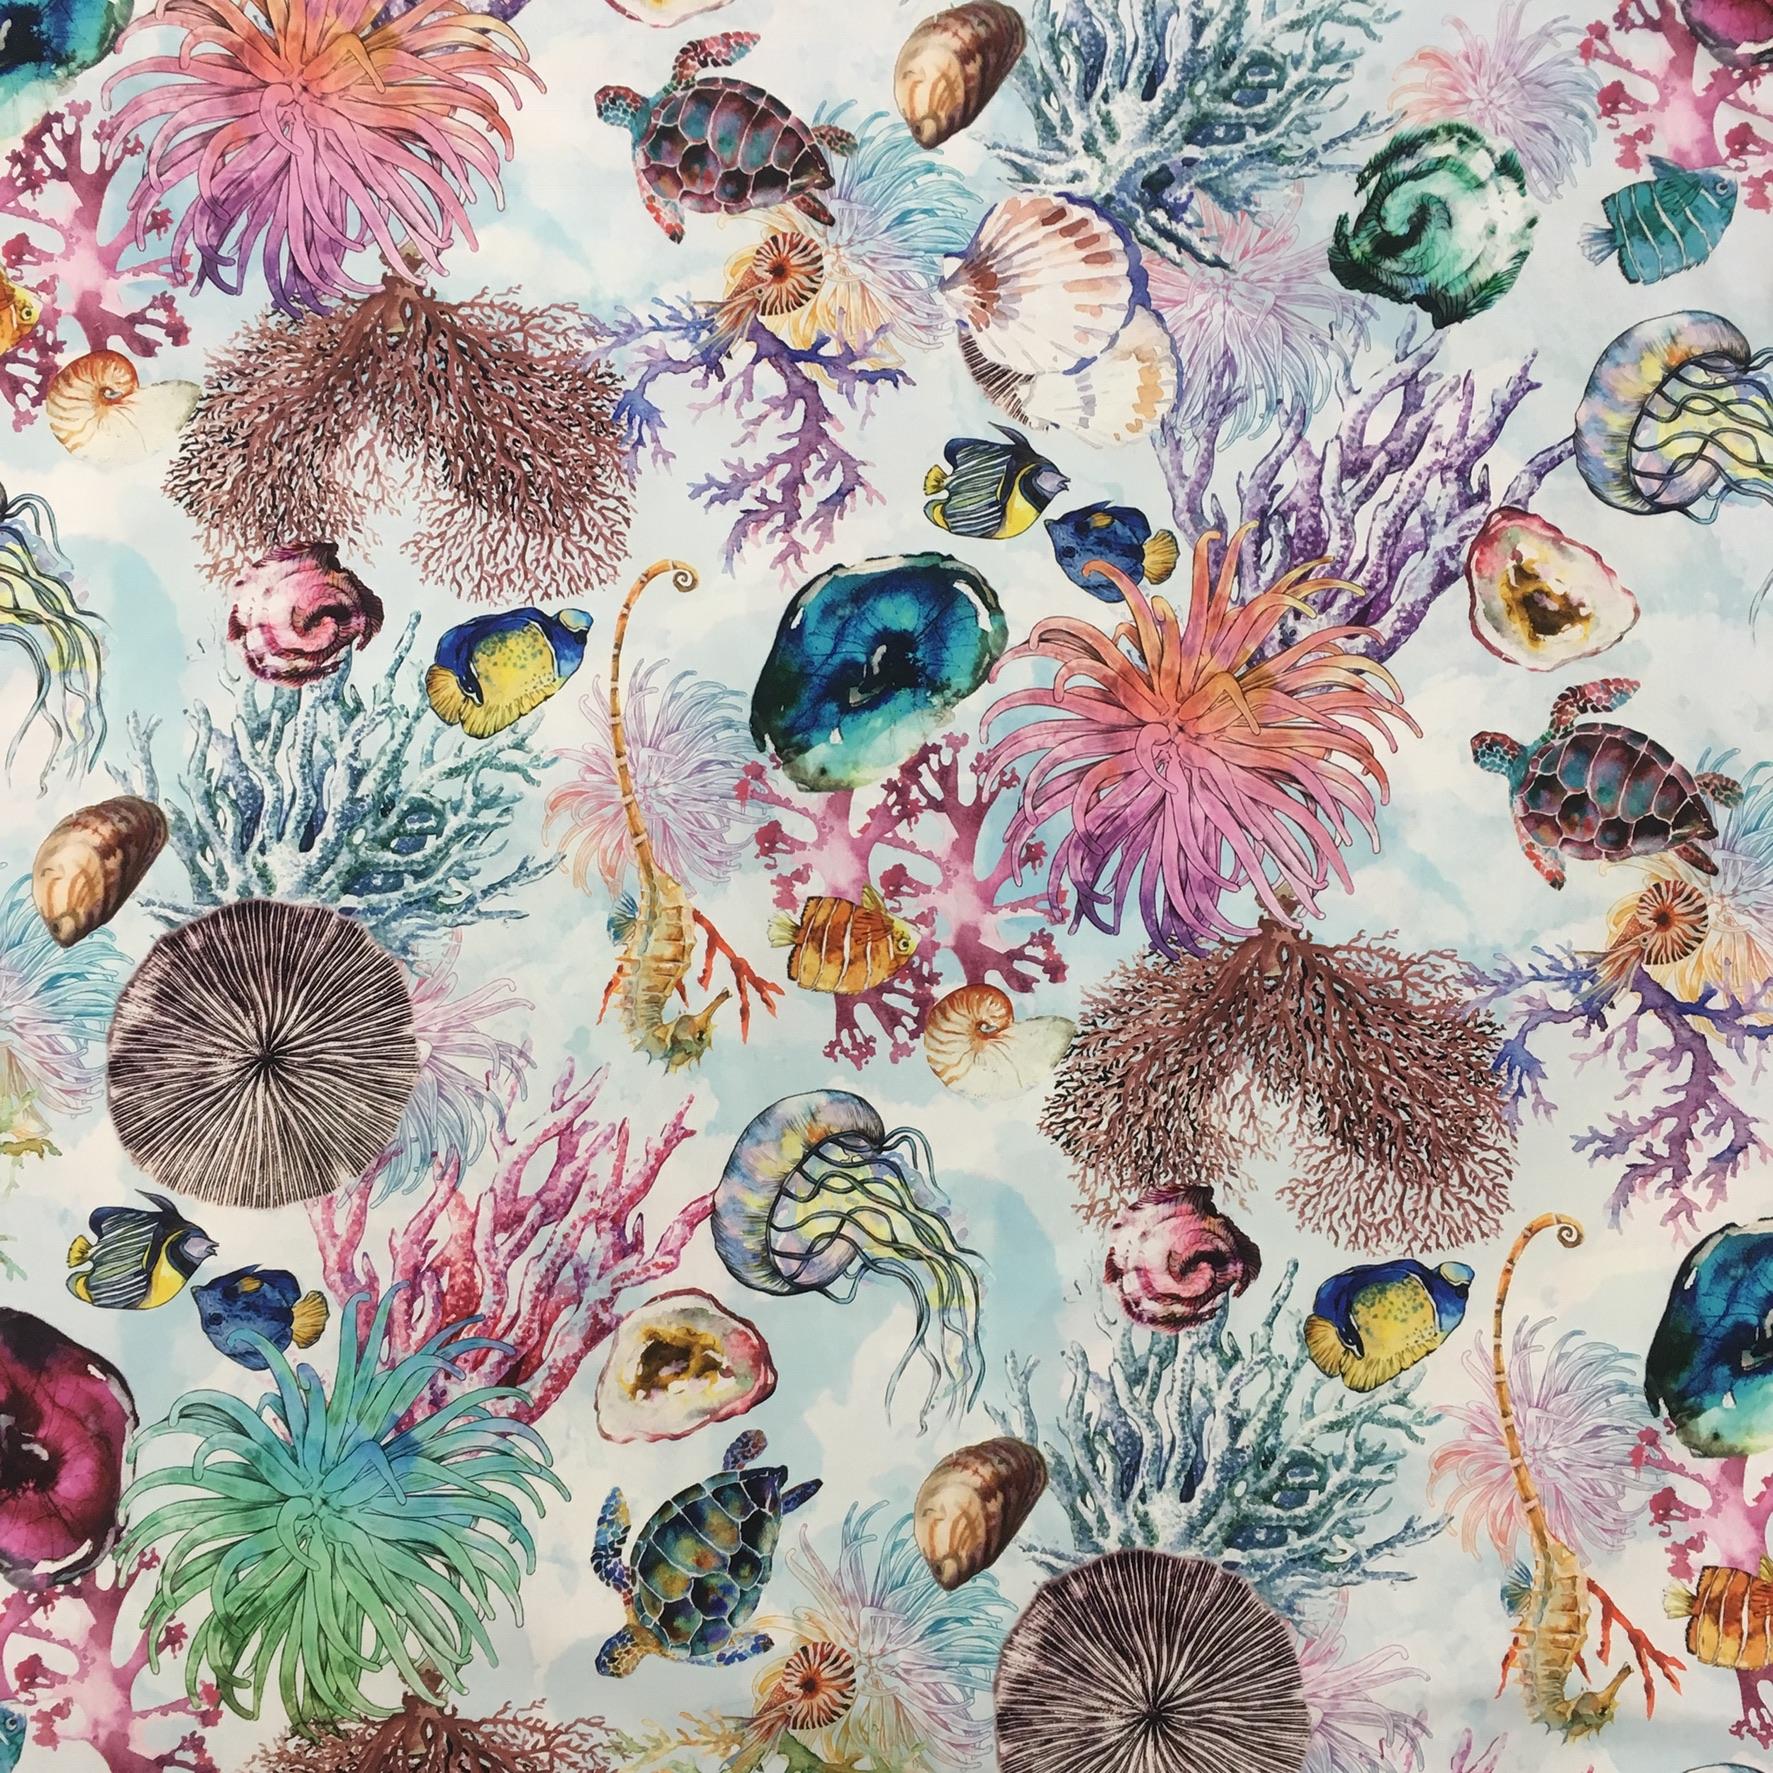 43fecff2c6 tessuto 100% cotone biologico fantasia mare – Da Giselda ...